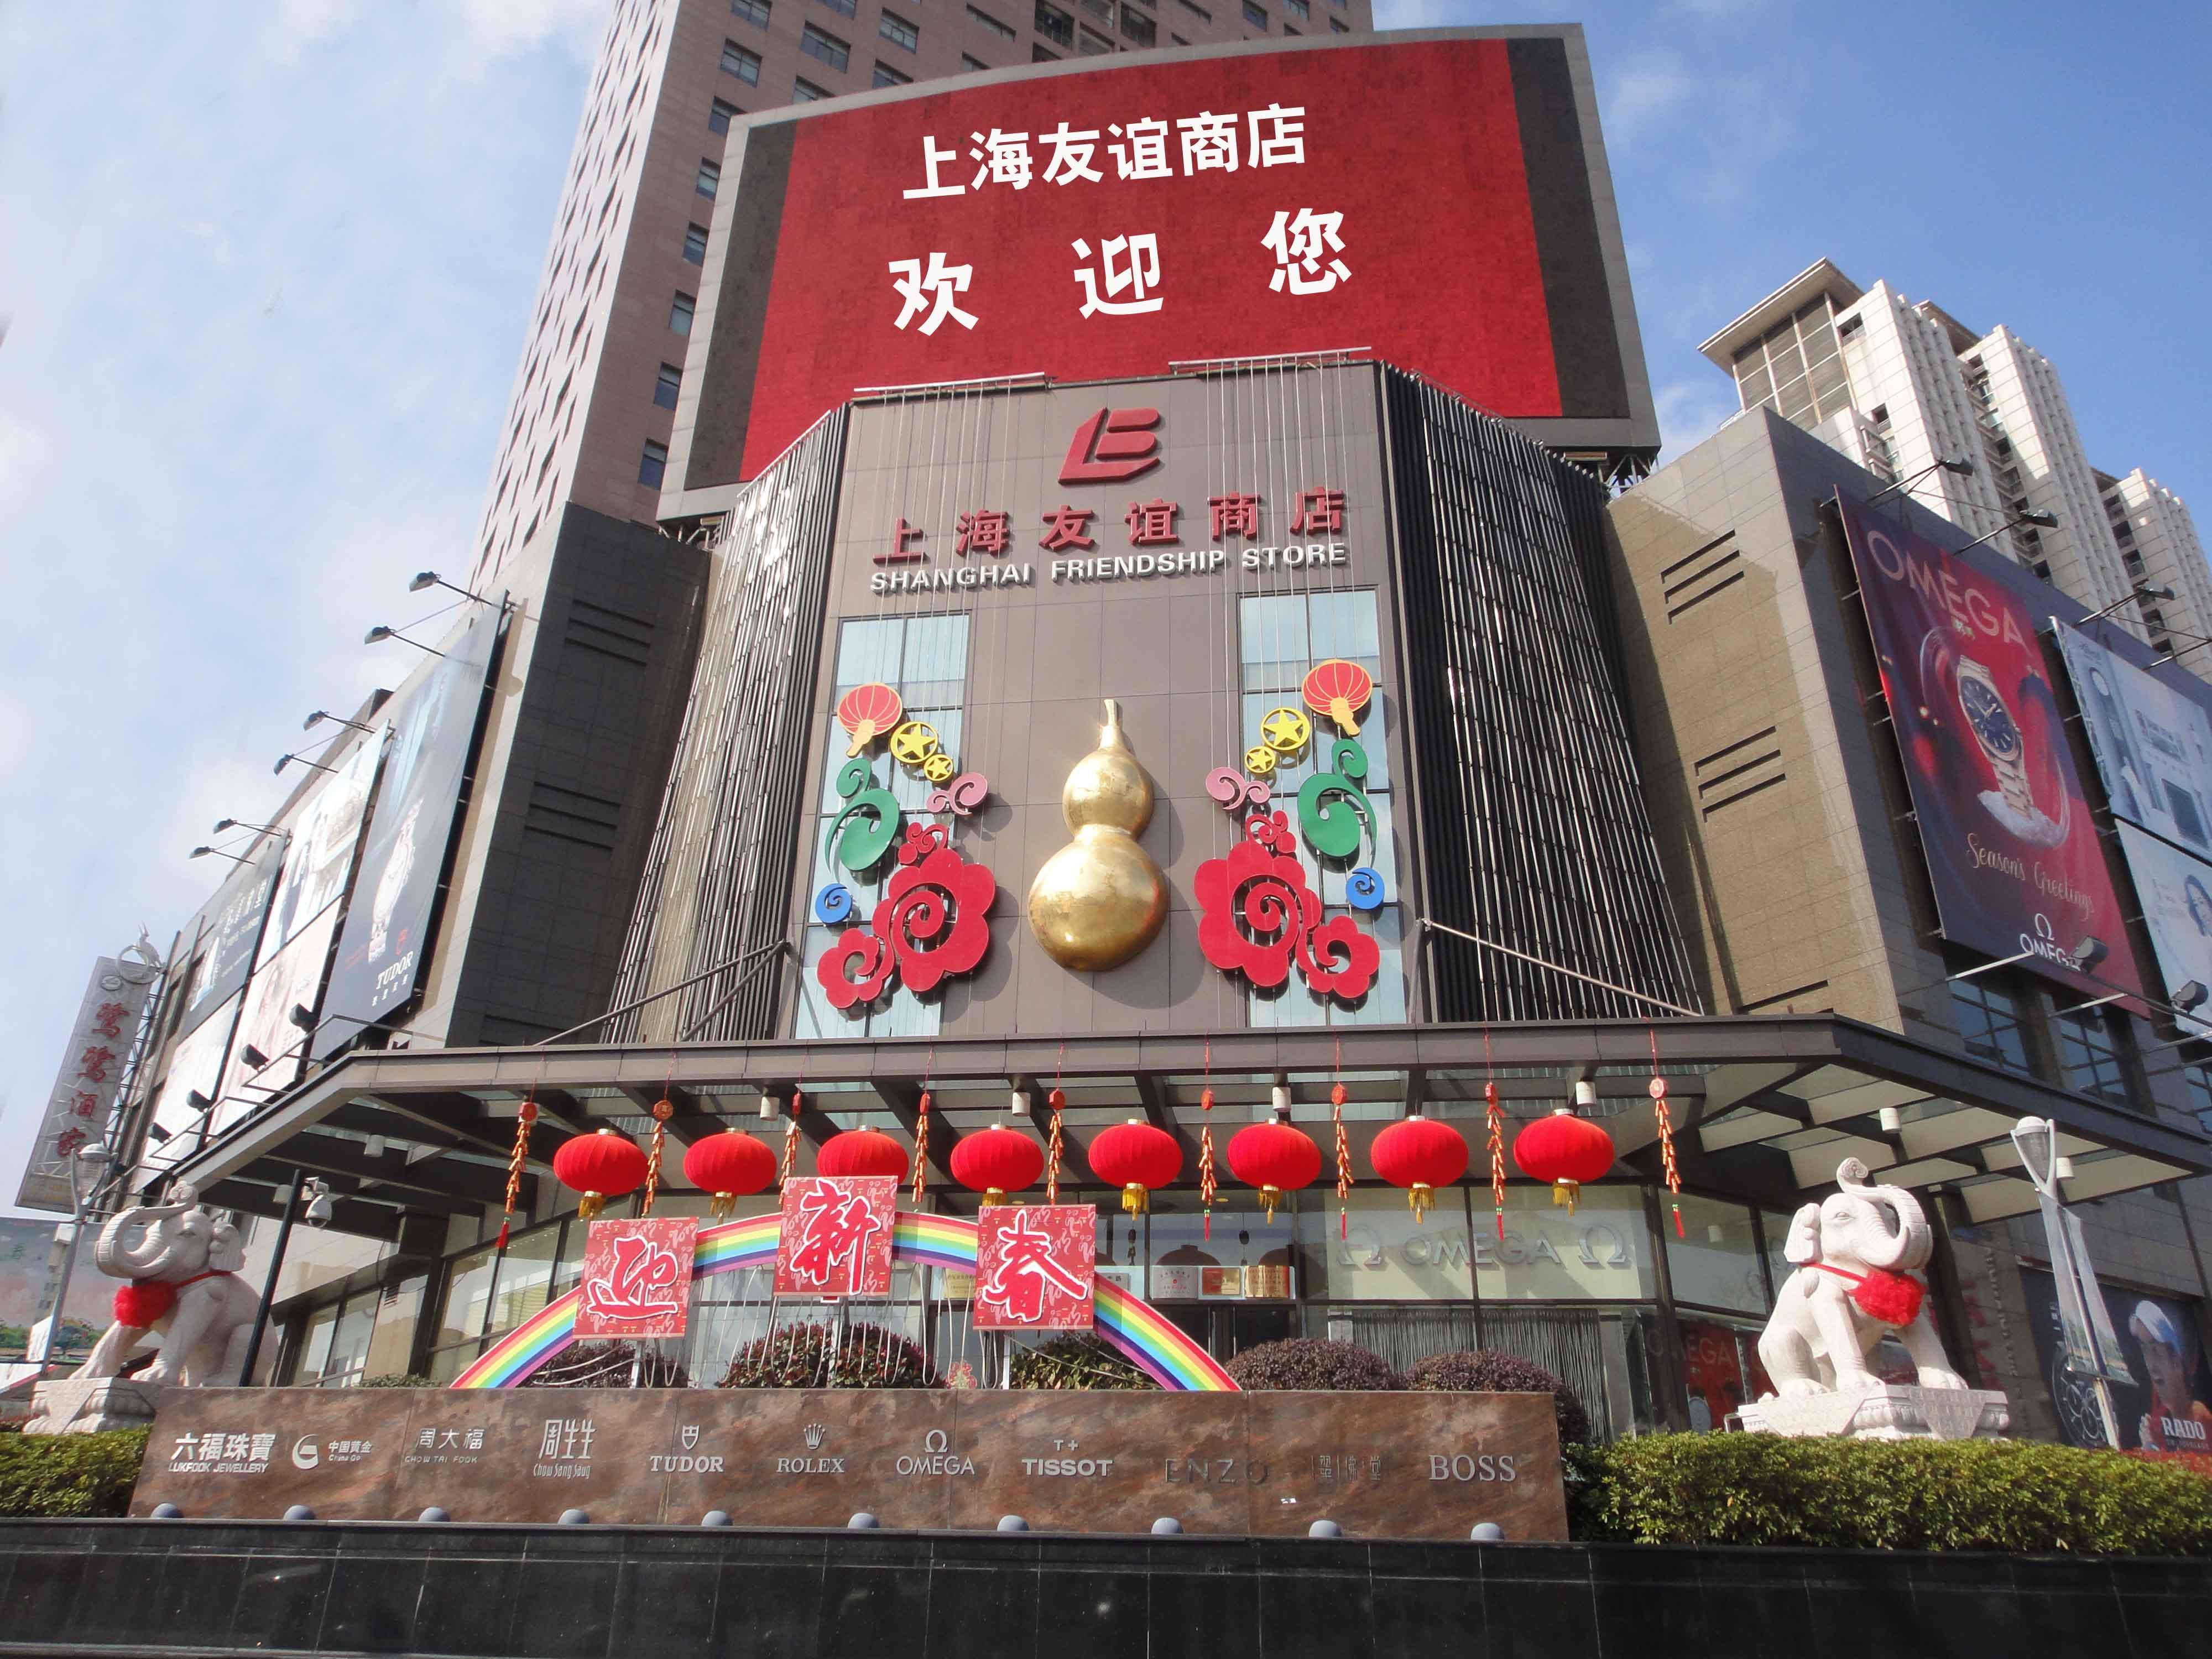 揭开历史的帷幕,说一说上海友谊商店的风云往事(组图)